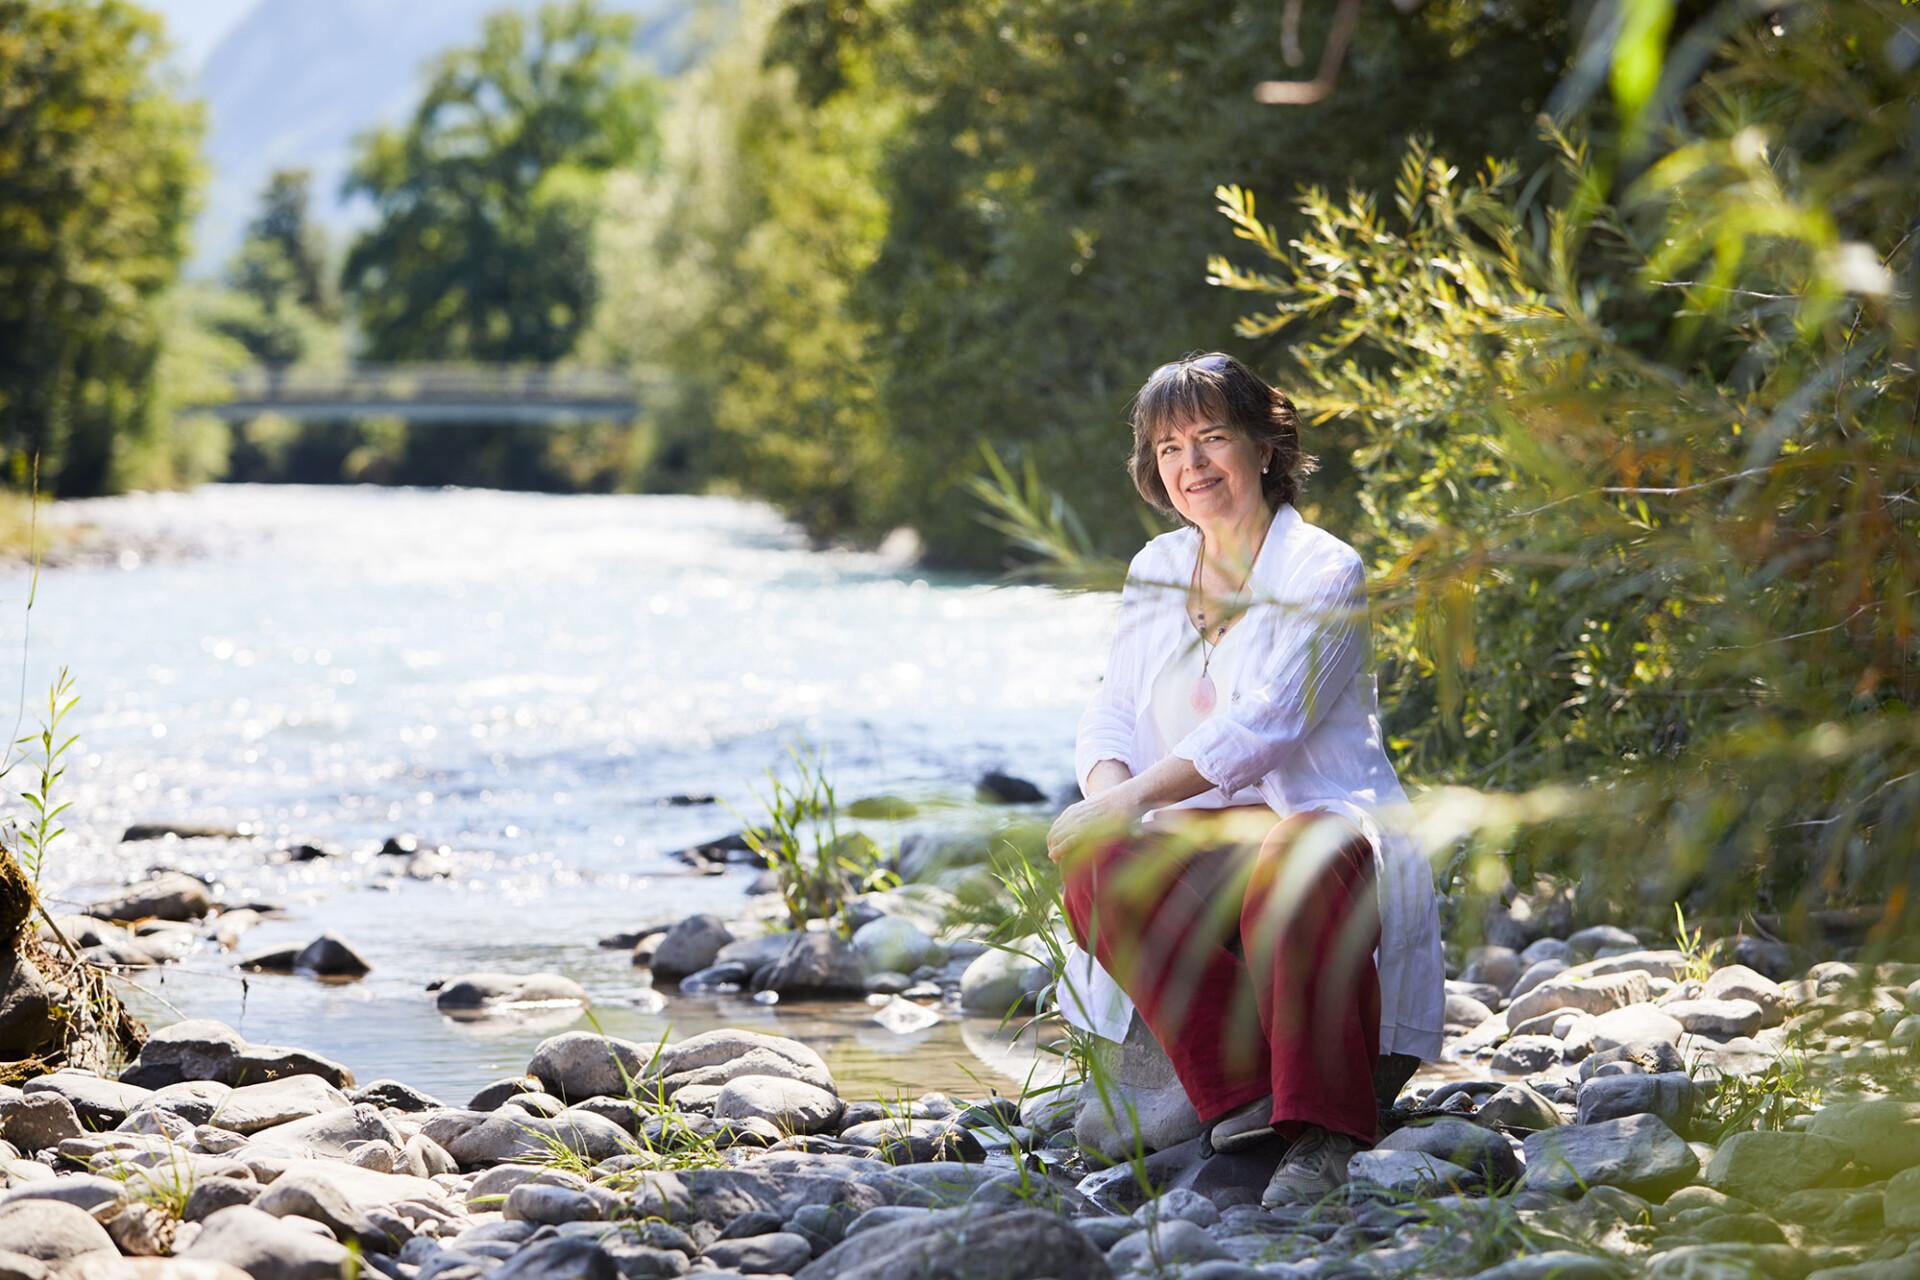 Ende 2019 tritt Geschäftsleiterin Monica Weibel nach zwölf erfolgreichen Jahren zurück. Ein Gespräch über Vergangenes, Gegenwärtiges und Zukünftiges.